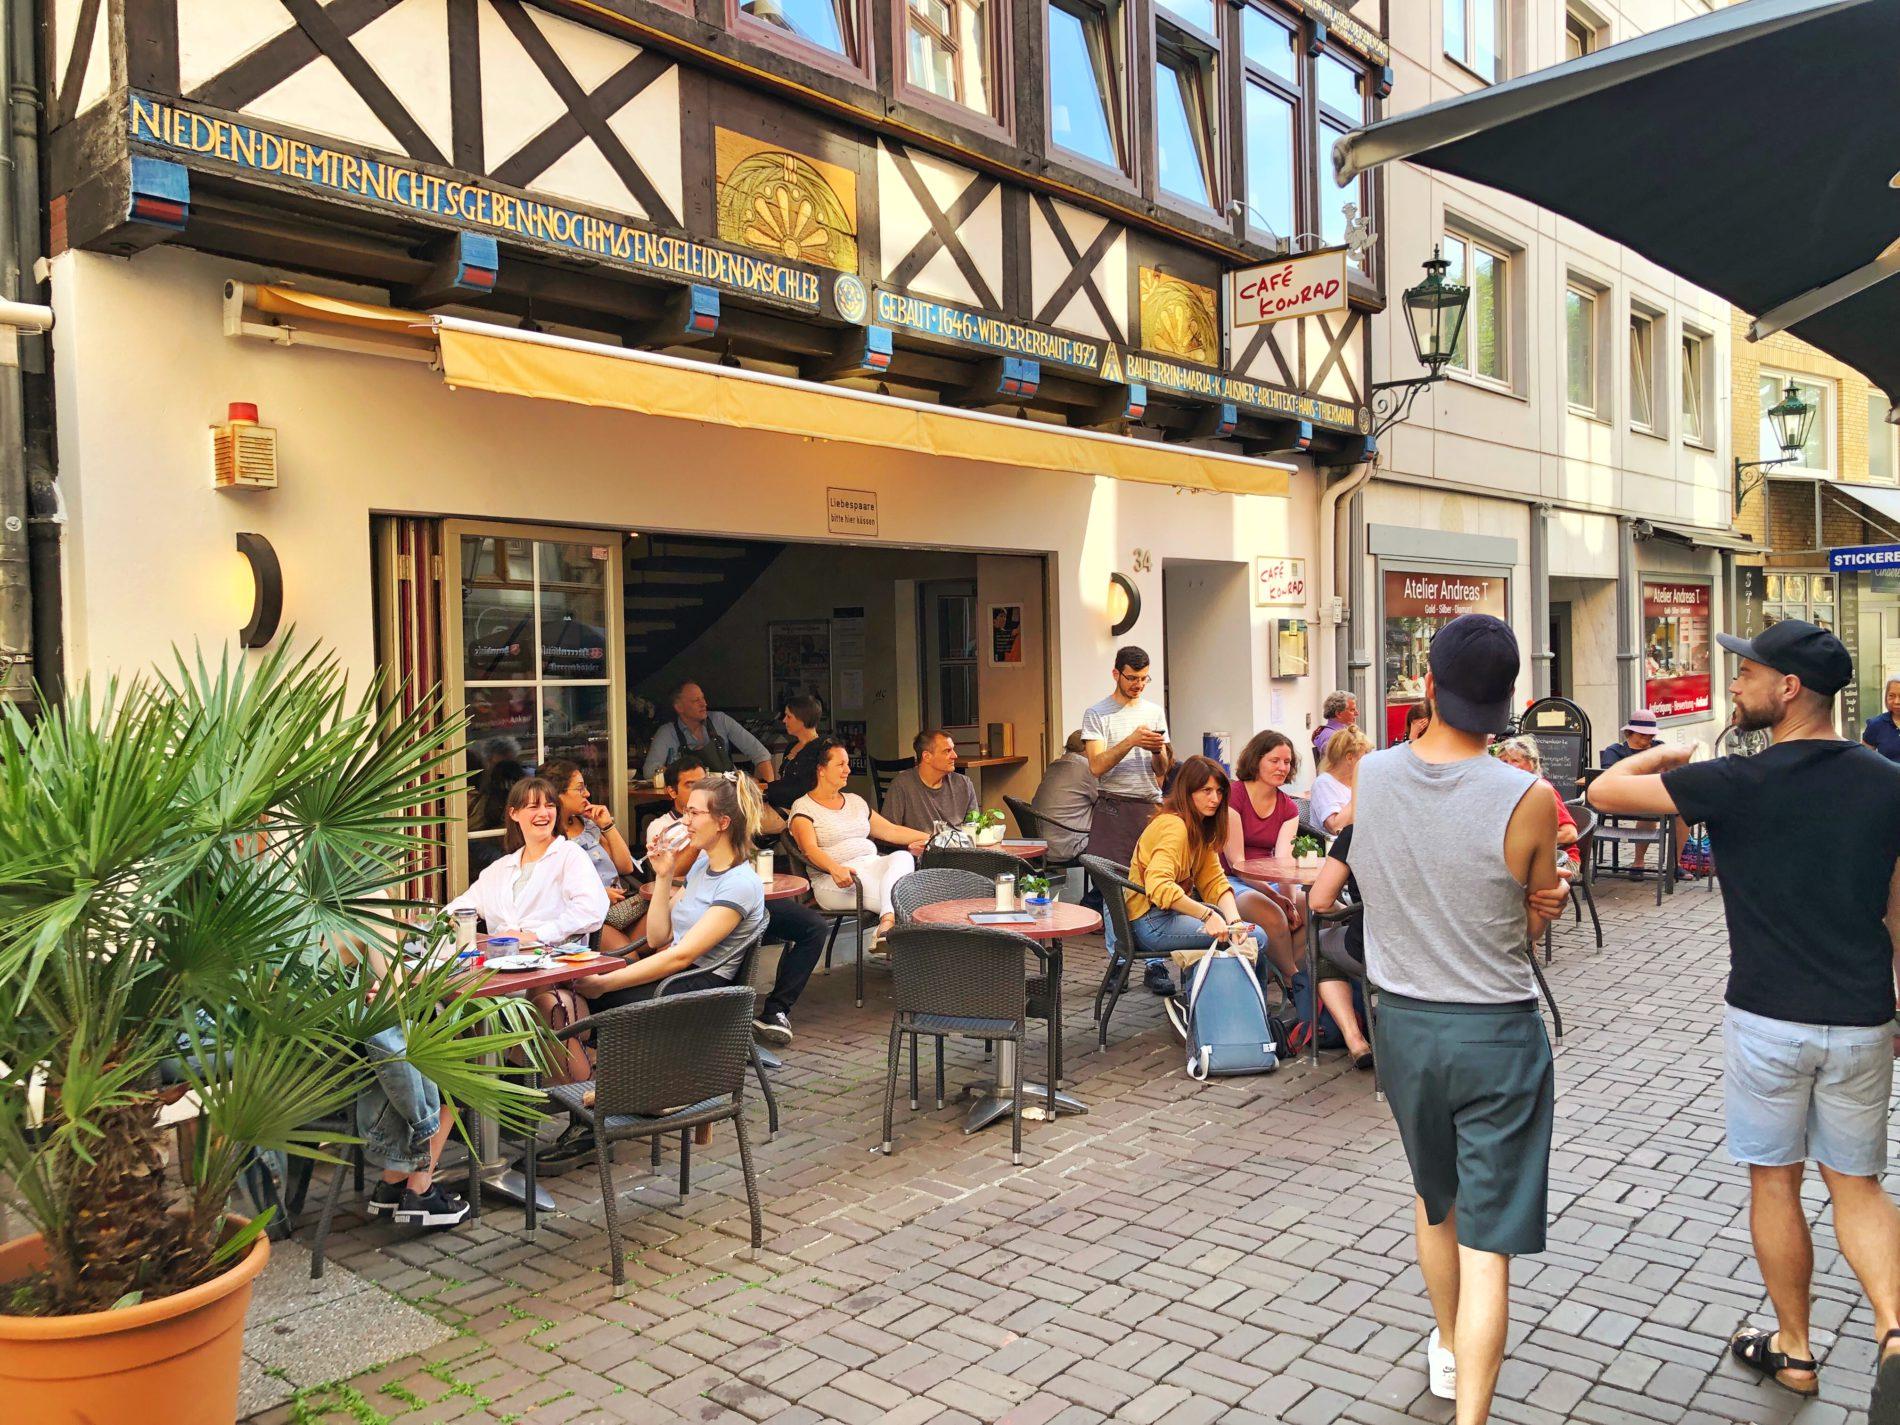 Das Café Konrad in Hannovers Altstadt